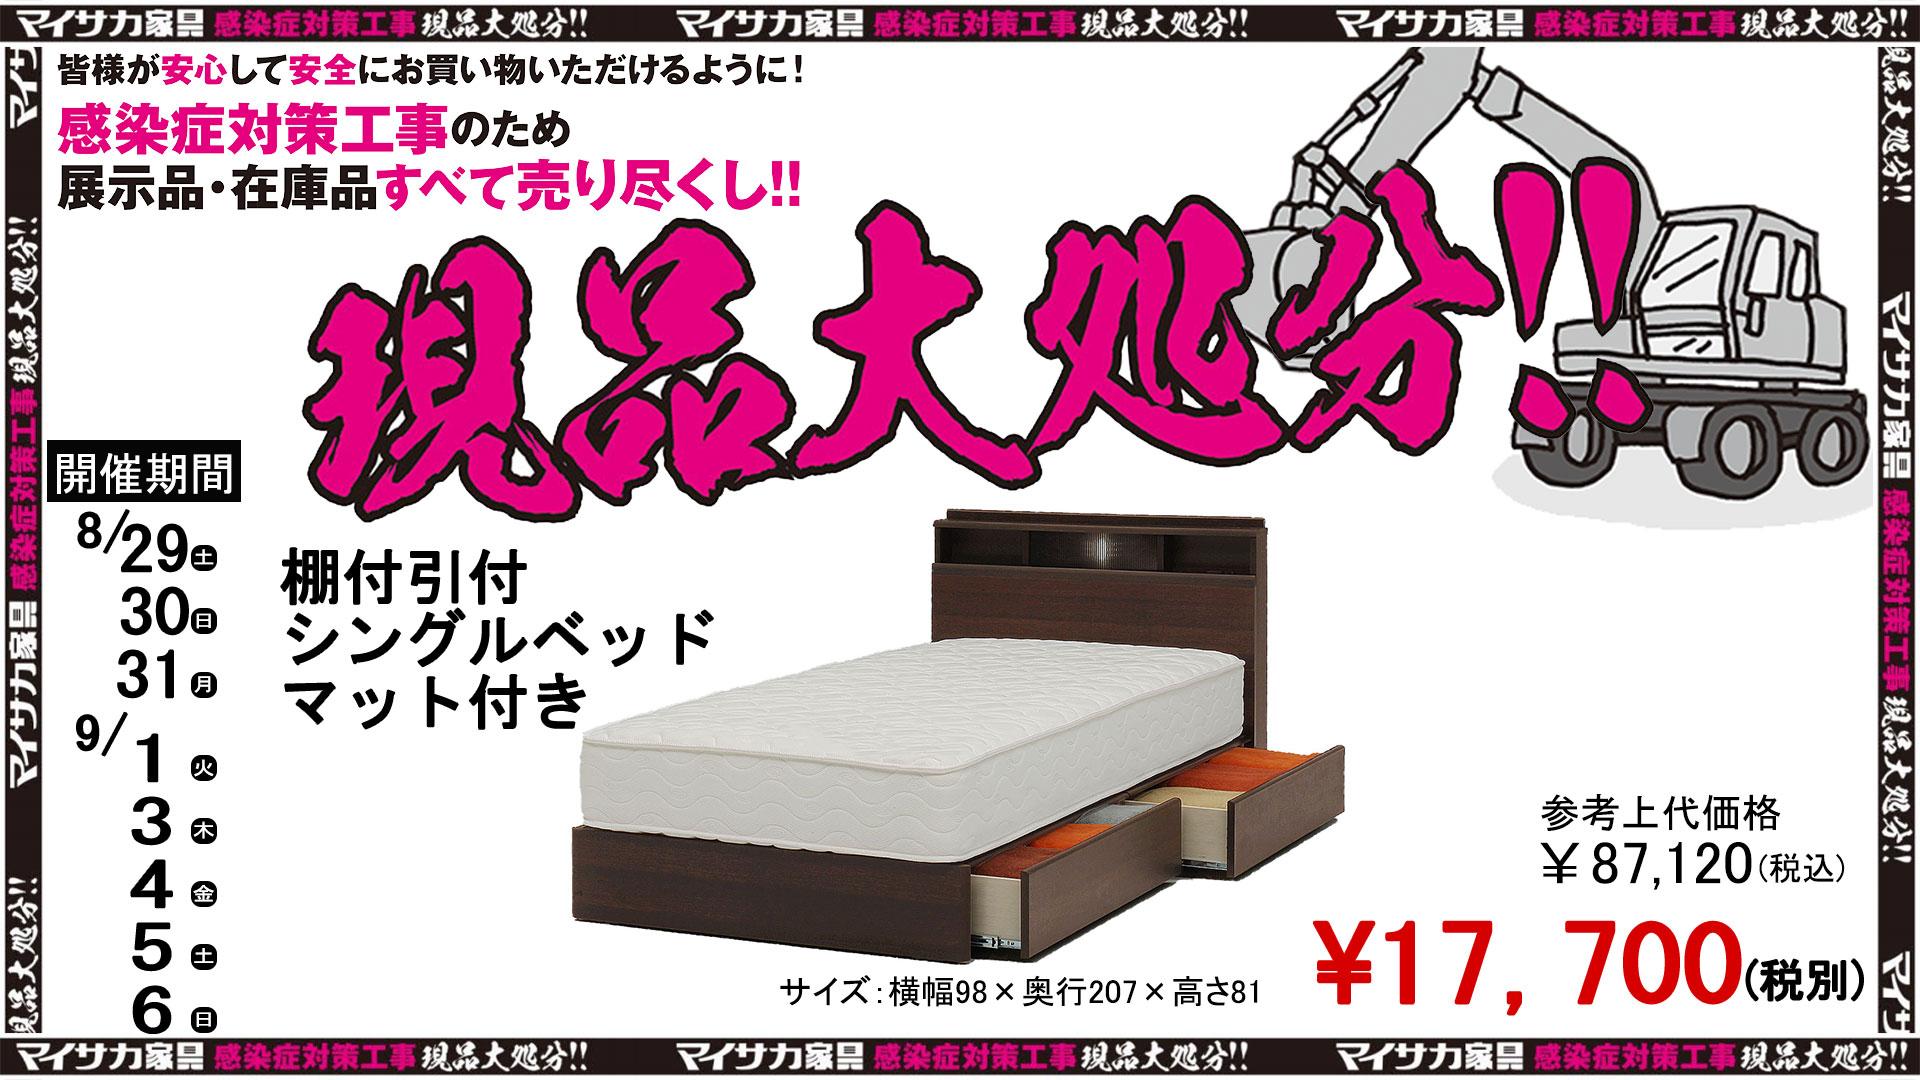 棚付引付のシングルベッドフレームマット付きが17,700円のチラシ